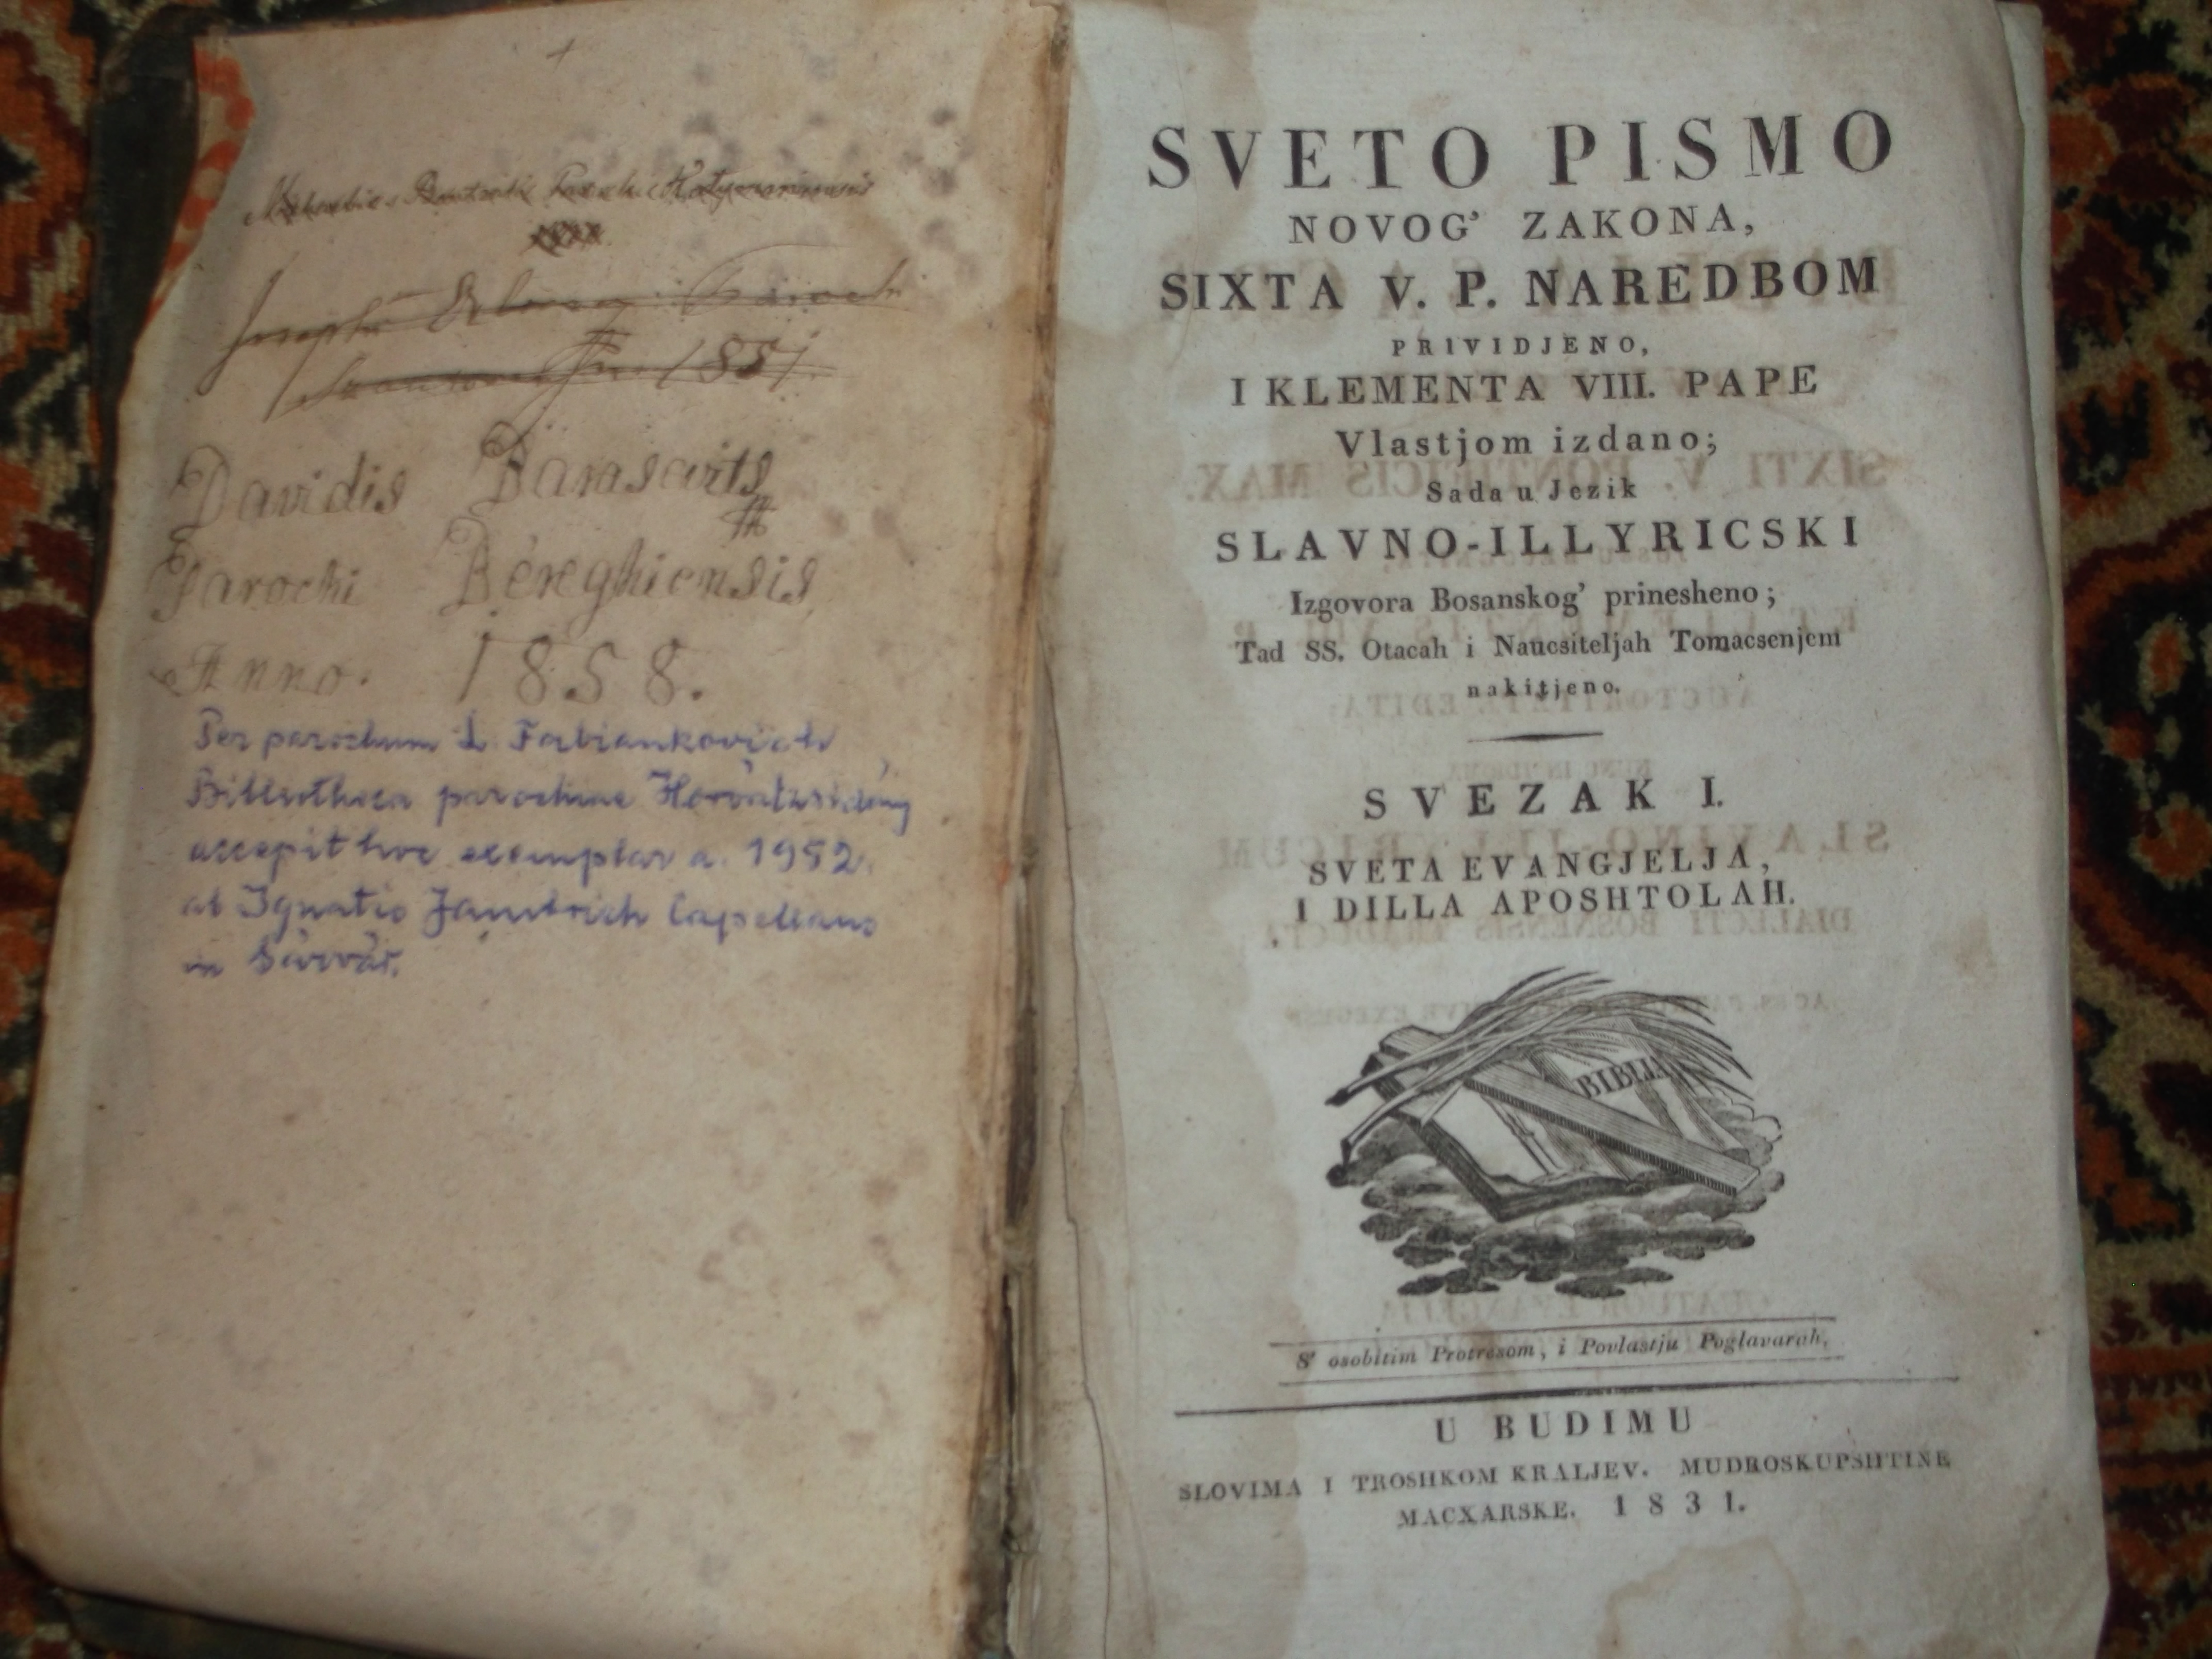 https://upload.wikimedia.org/wikipedia/commons/5/5f/Sveto_Pismo_Novog%27_Zakona_%28Sveta_evangjelja_i_Dilla_Aposhtolah%29%2C_1831.JPG